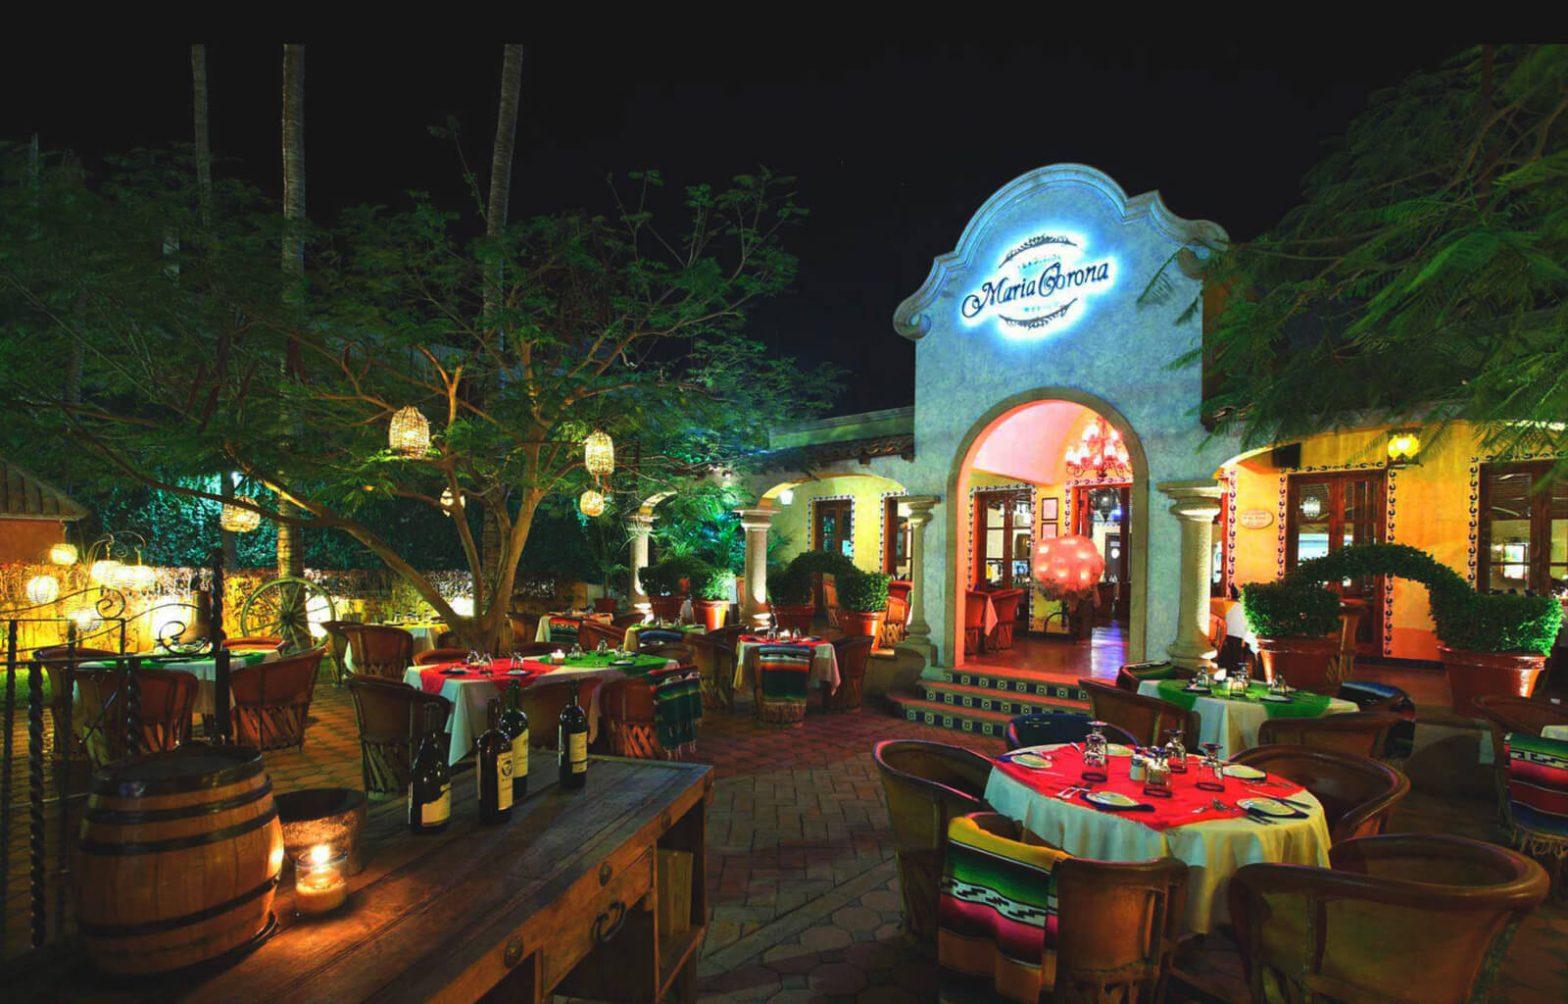 María Corona Restaurant